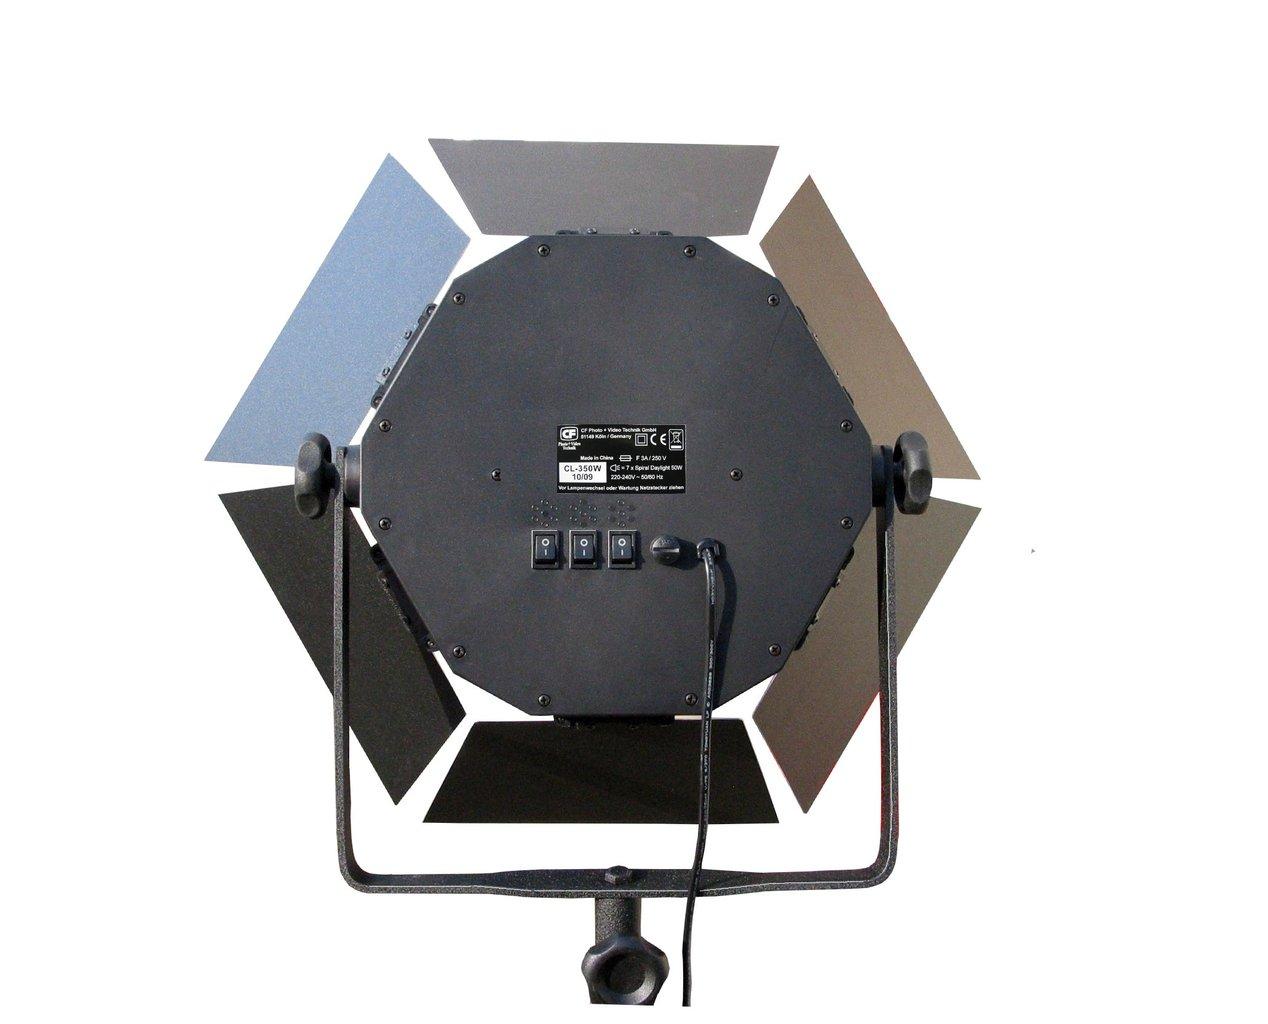 dauerlicht fotolampen set taglicht mit lichtklappen. Black Bedroom Furniture Sets. Home Design Ideas